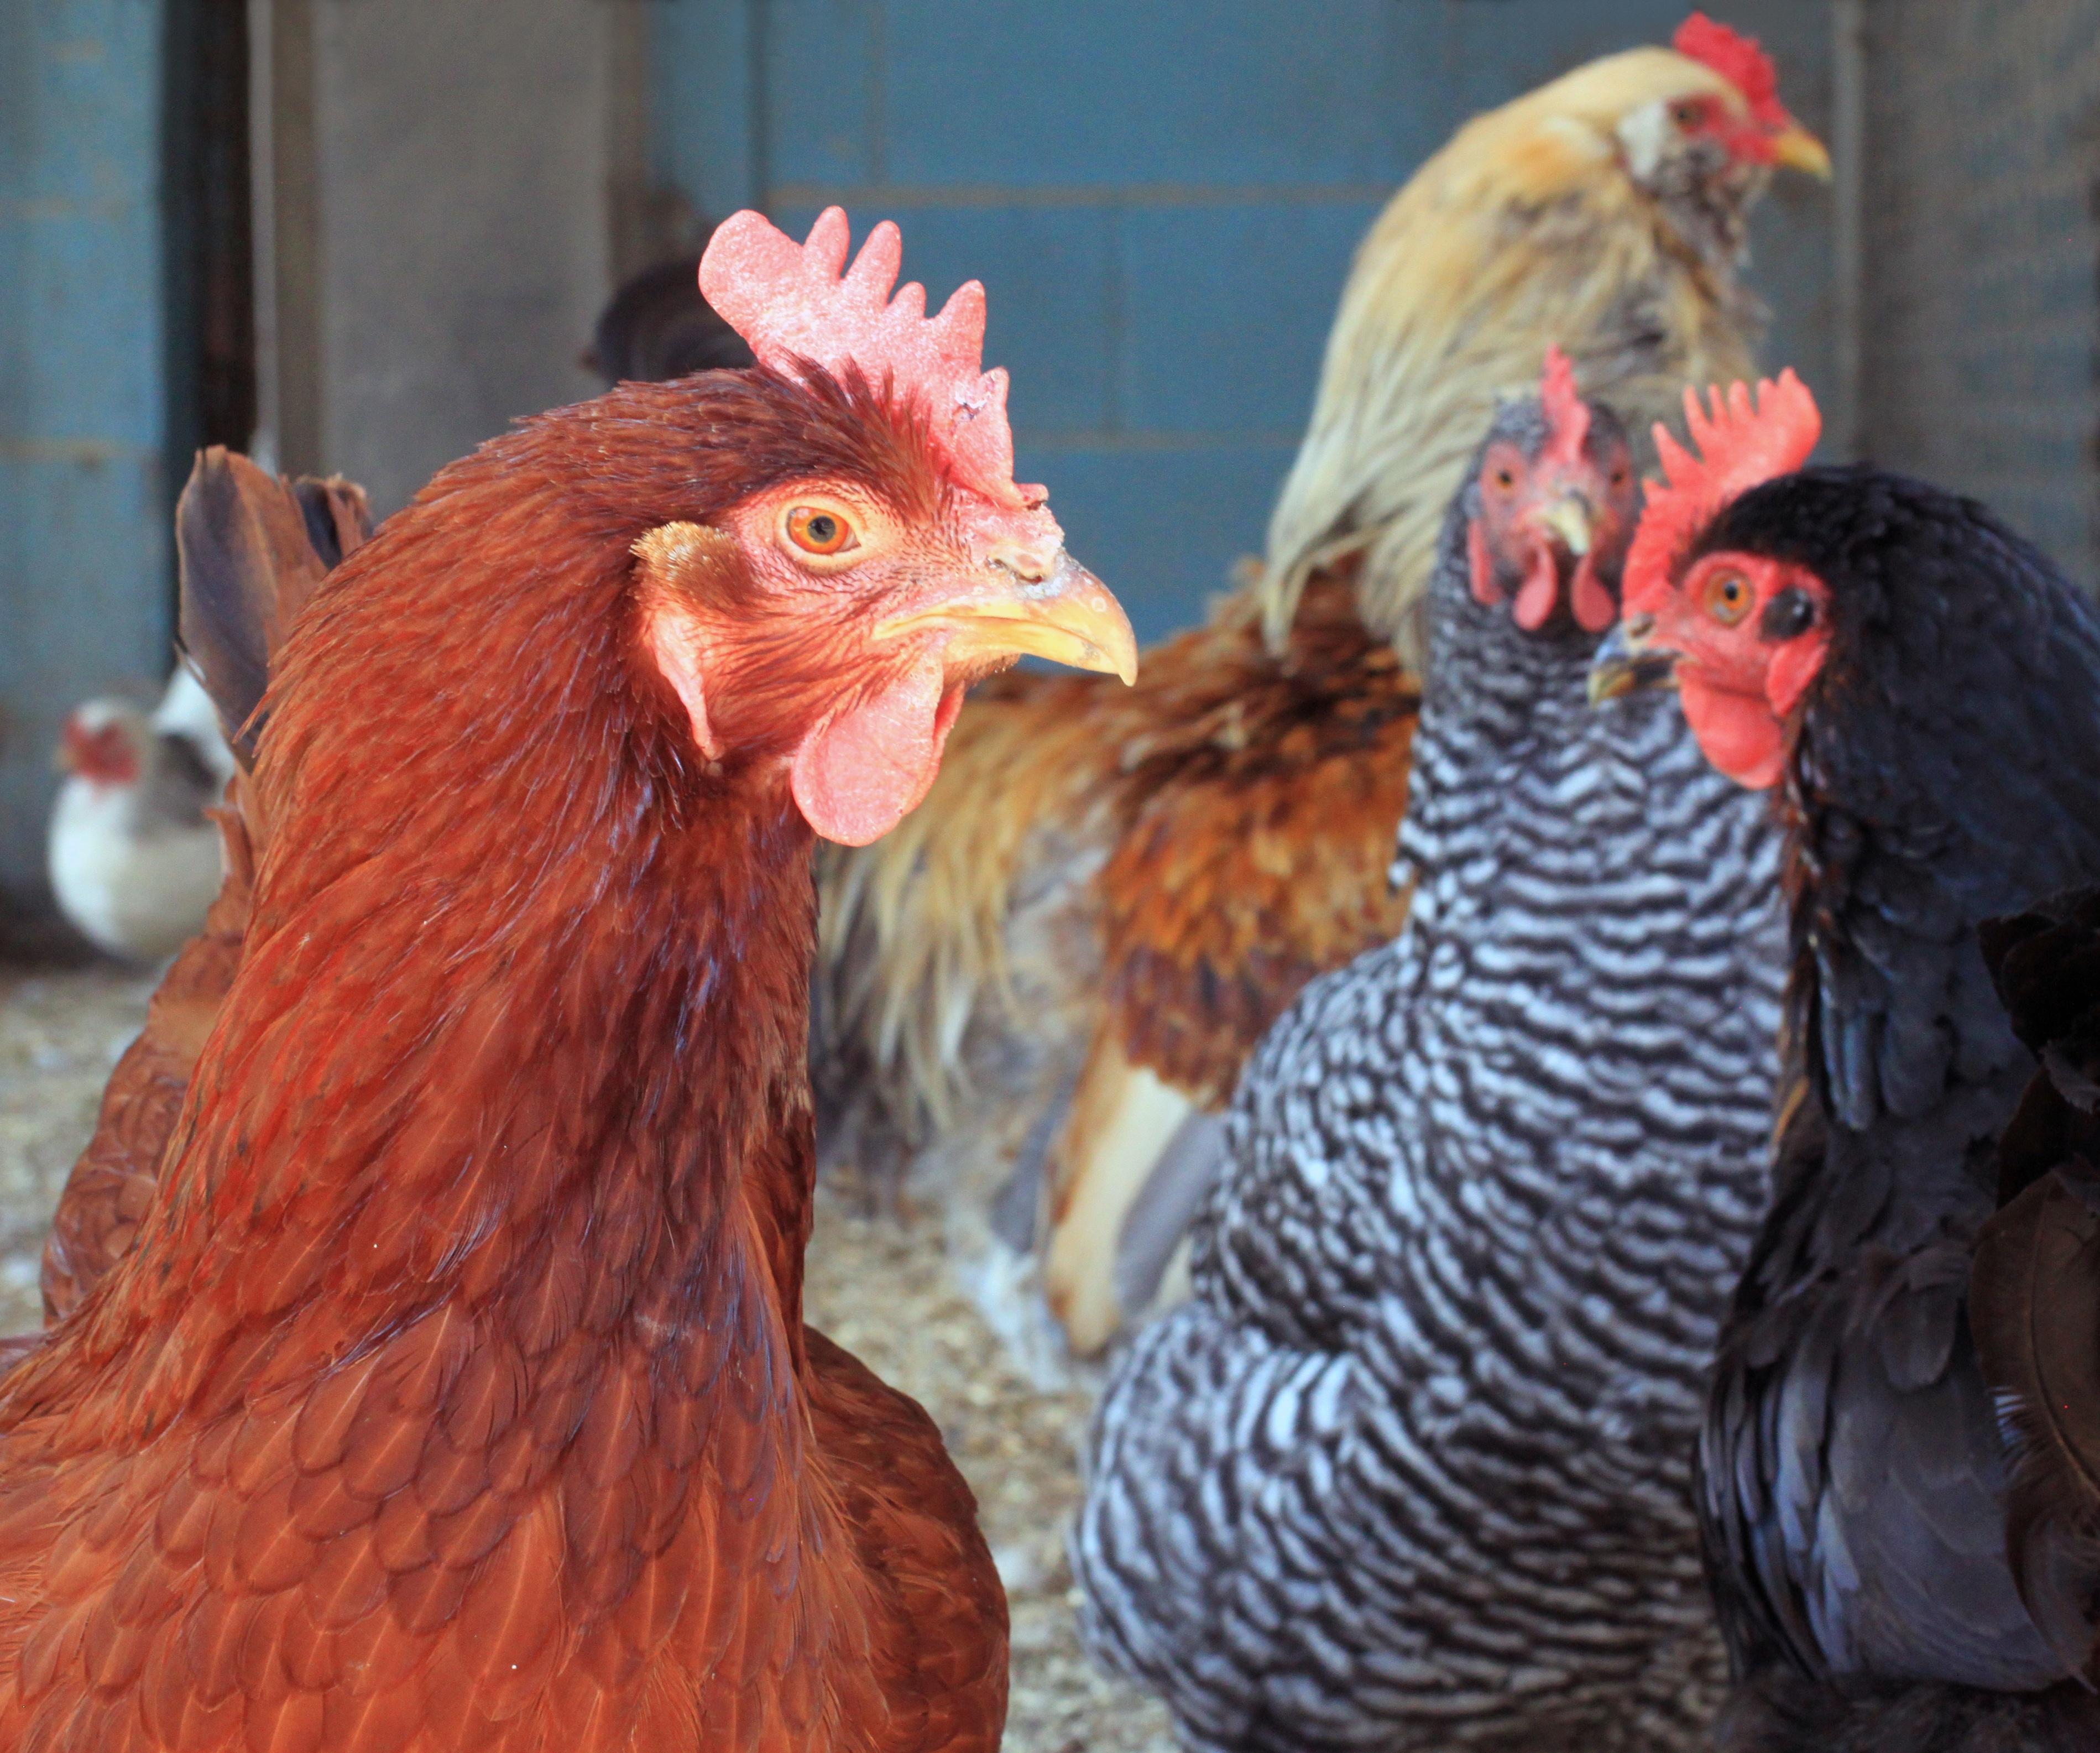 chicken-1336445